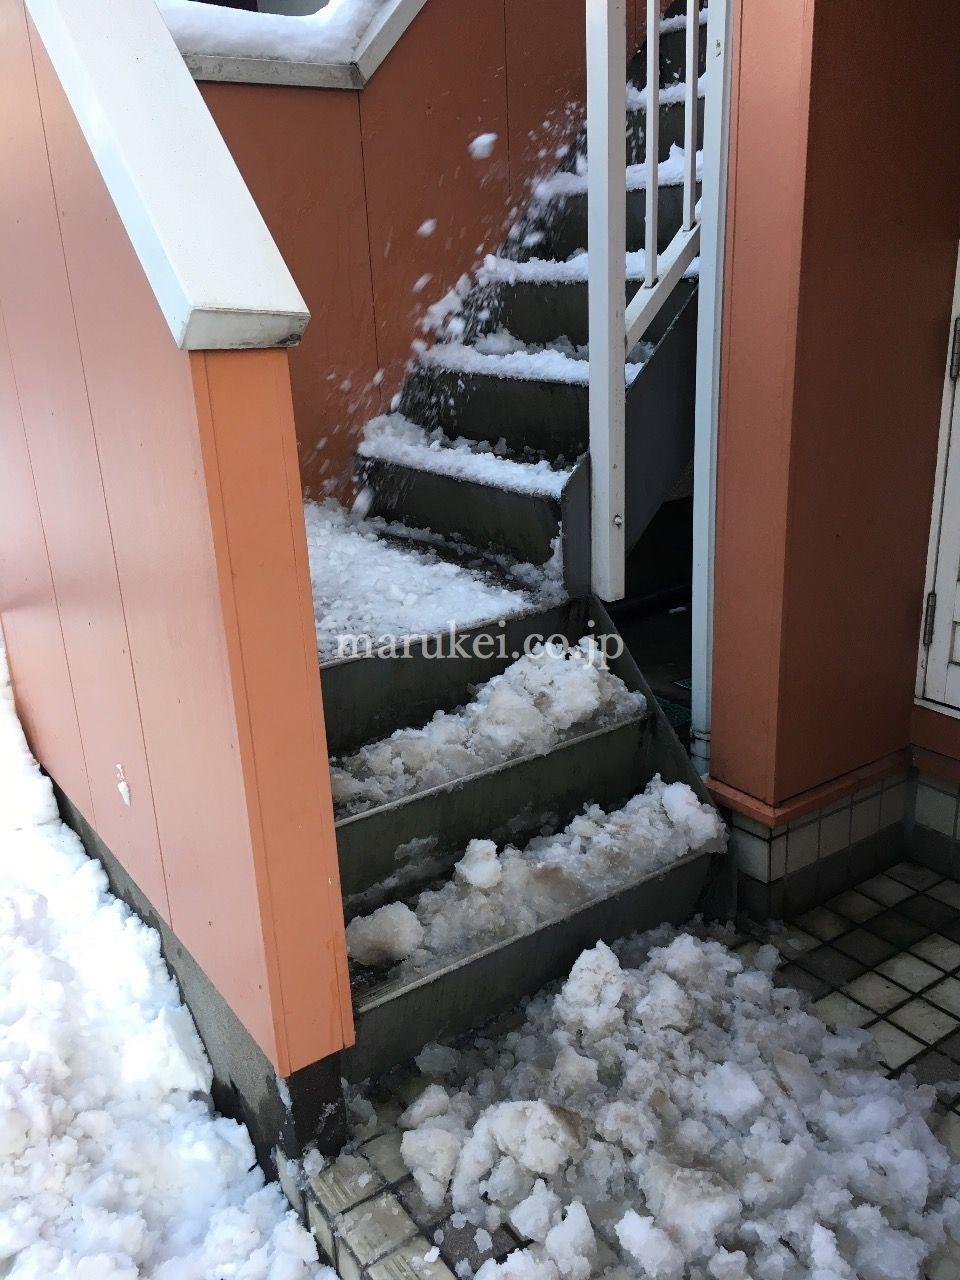 [降雪後は] 雪かきも賃貸管理会社のお仕事です。